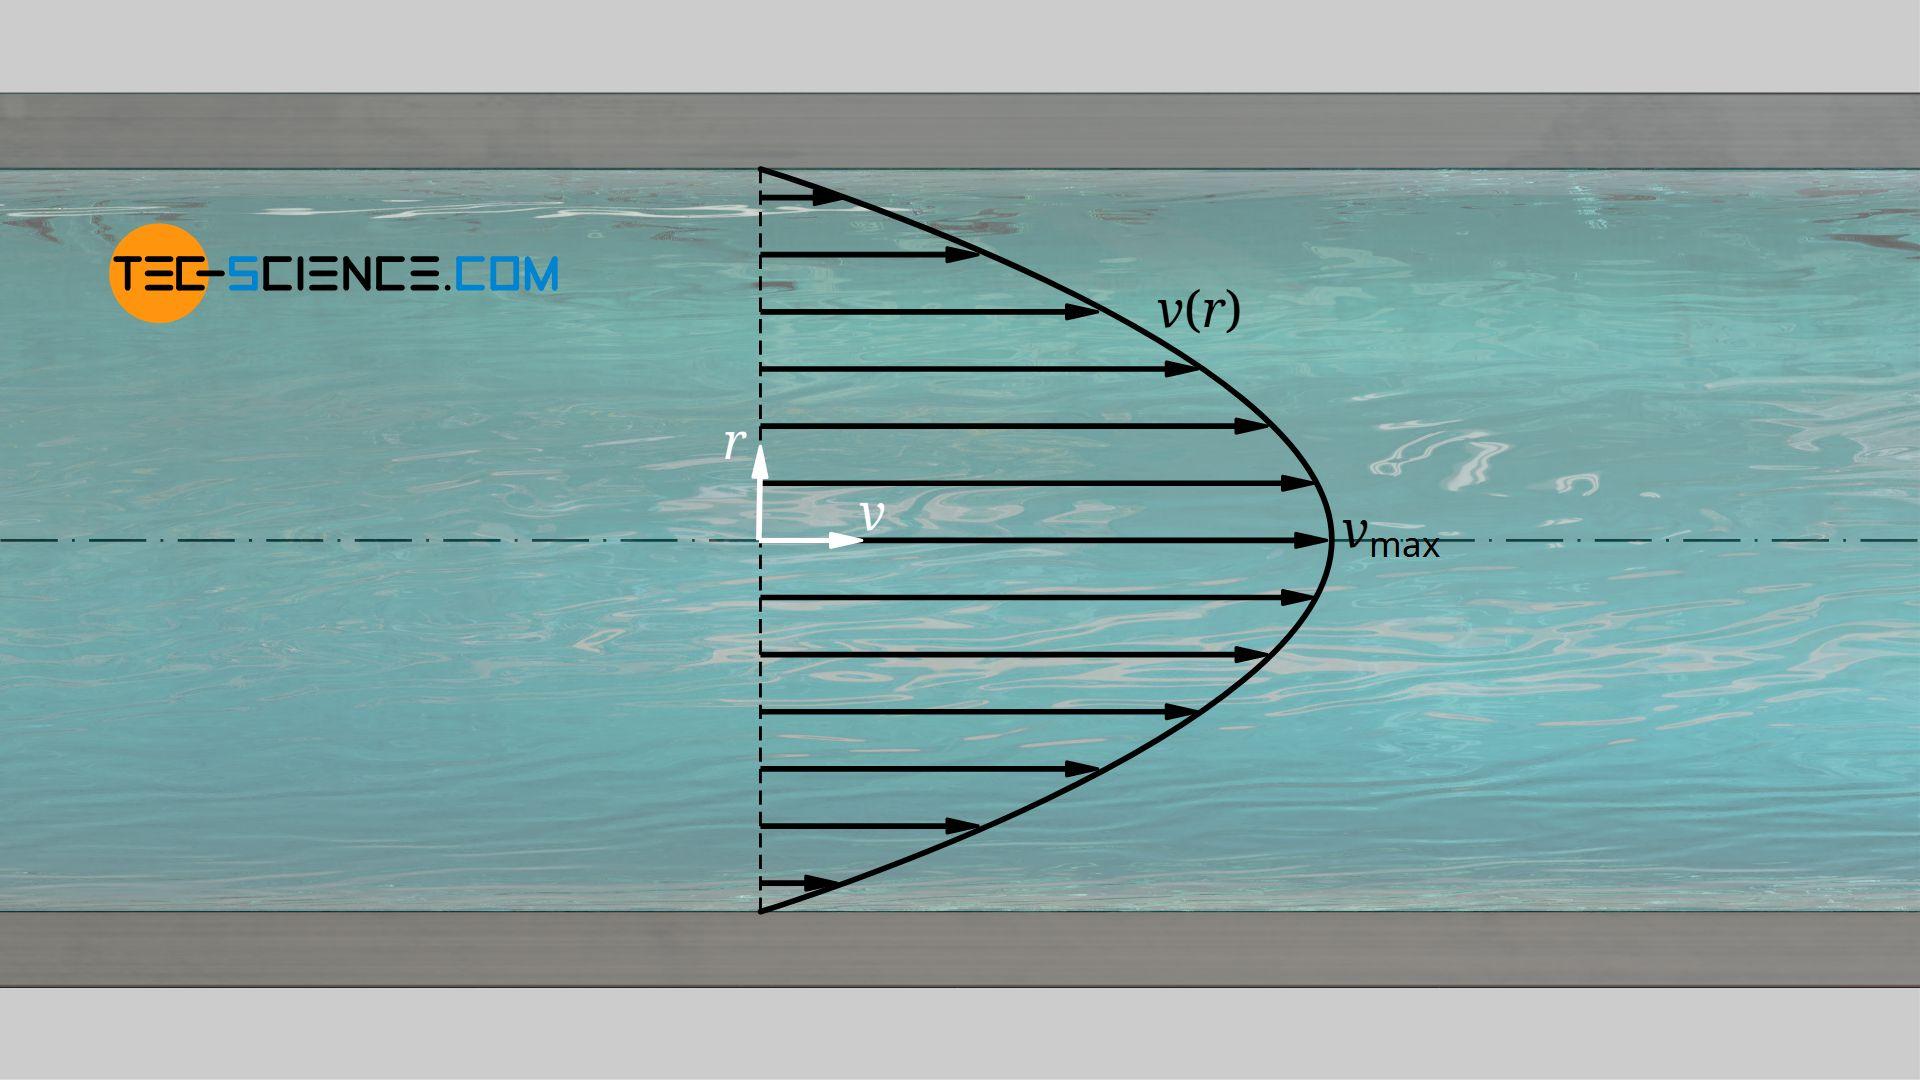 Parabelförmiges Geschwindigkeitsprofil der Hagen-Poiseuille Strömung